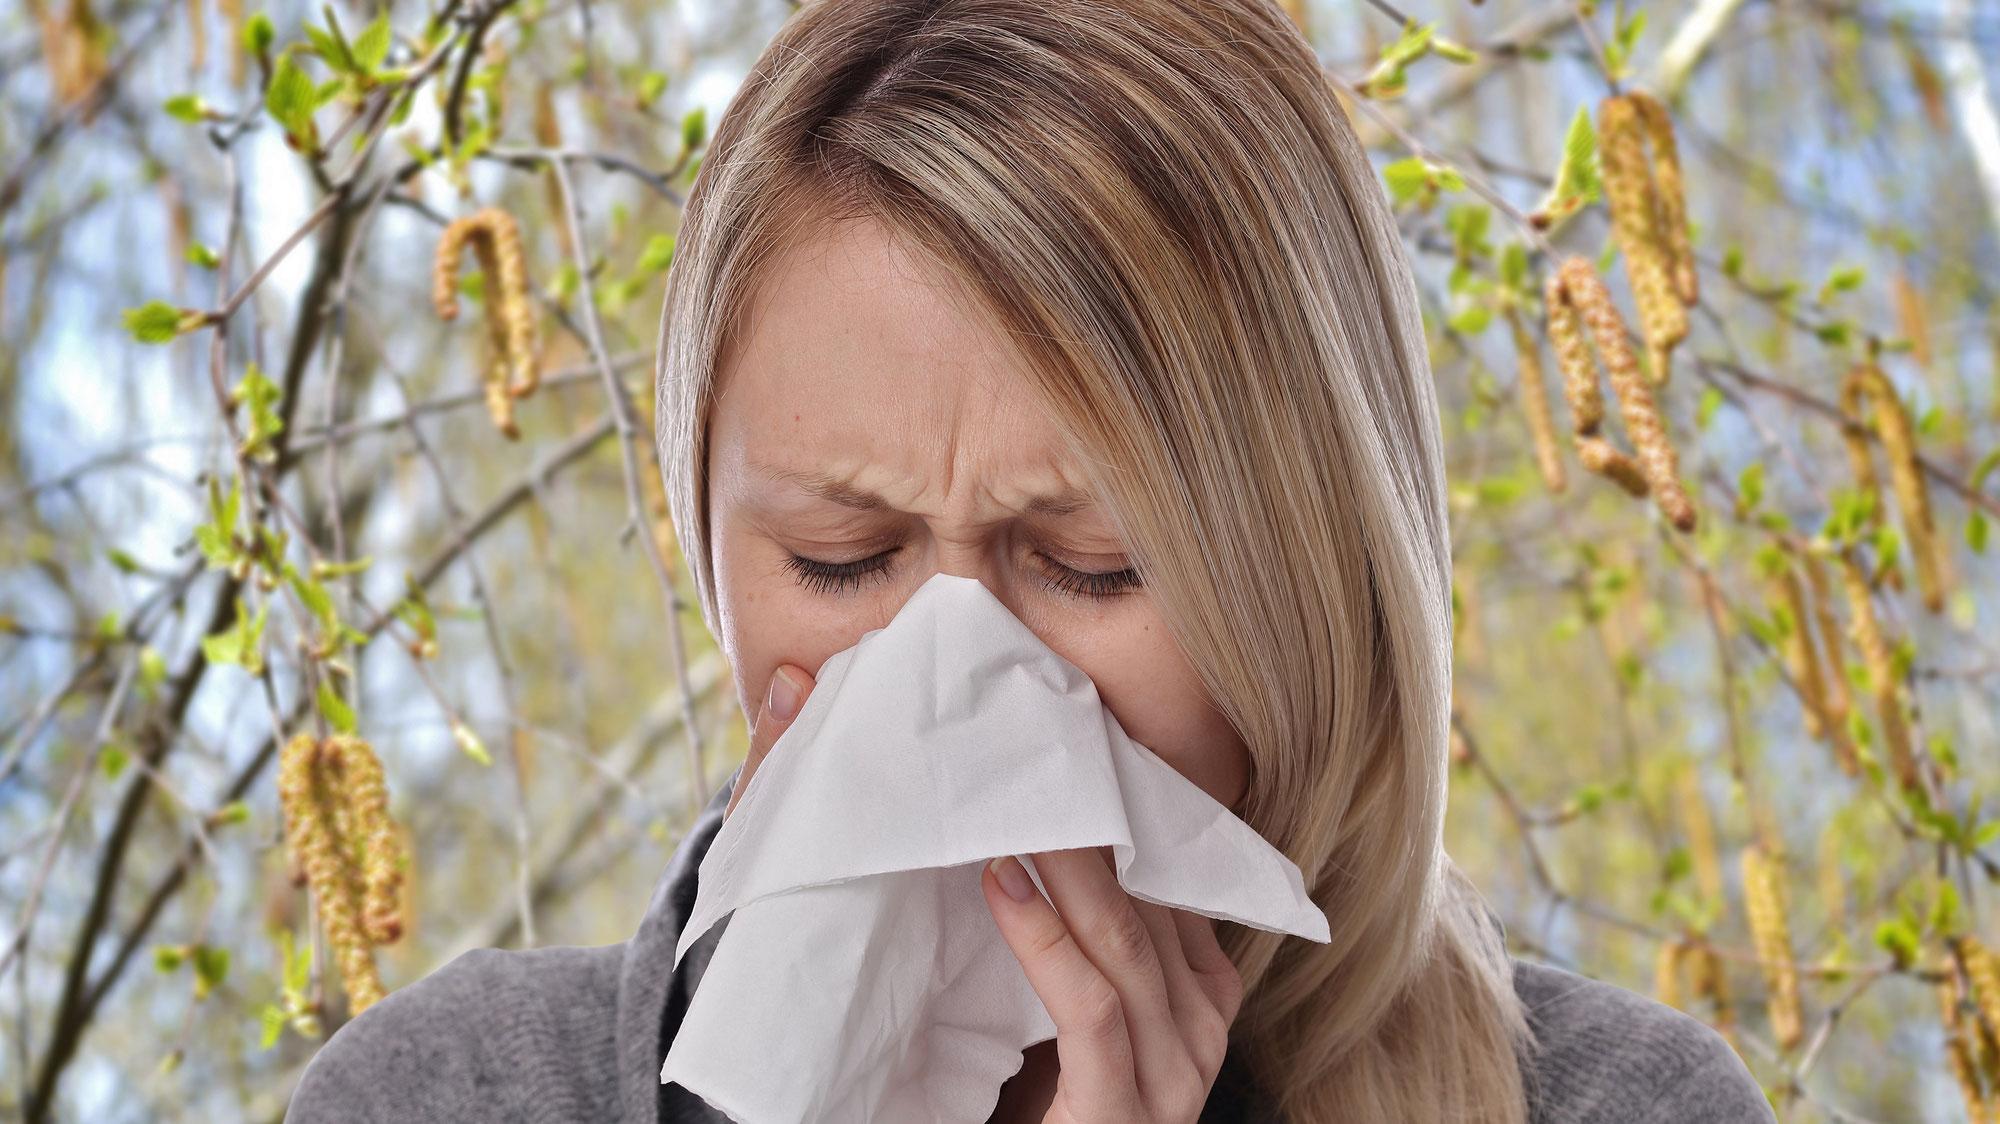 Für Pollenallergiker beginnt schlimmste Zeit des Jahres